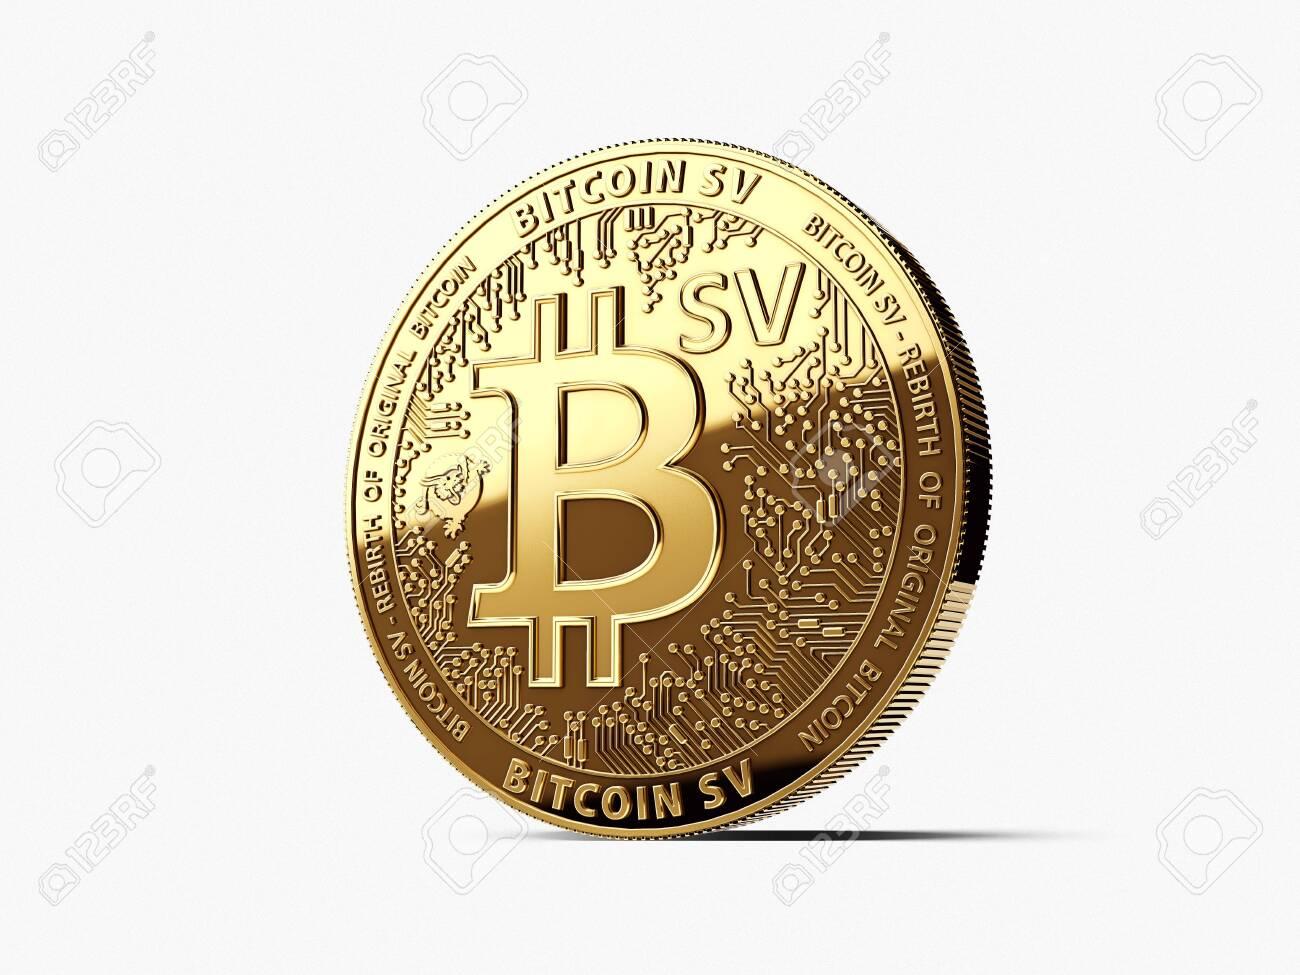 Bitcoin Satoshi Vision( BSV)